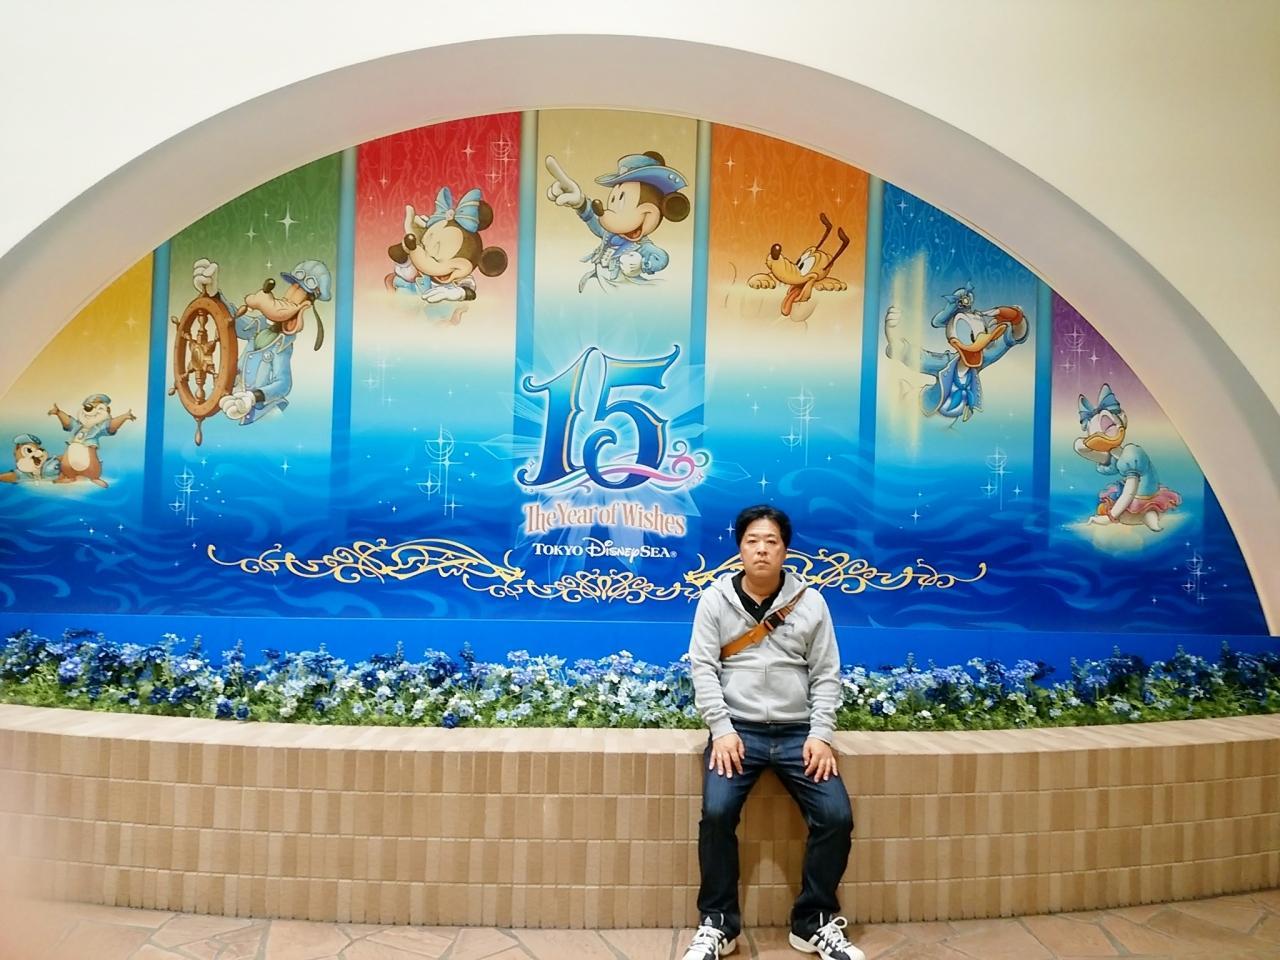 ディズニーシー15周年 番外編』東京ディズニーリゾート(千葉県)の旅行